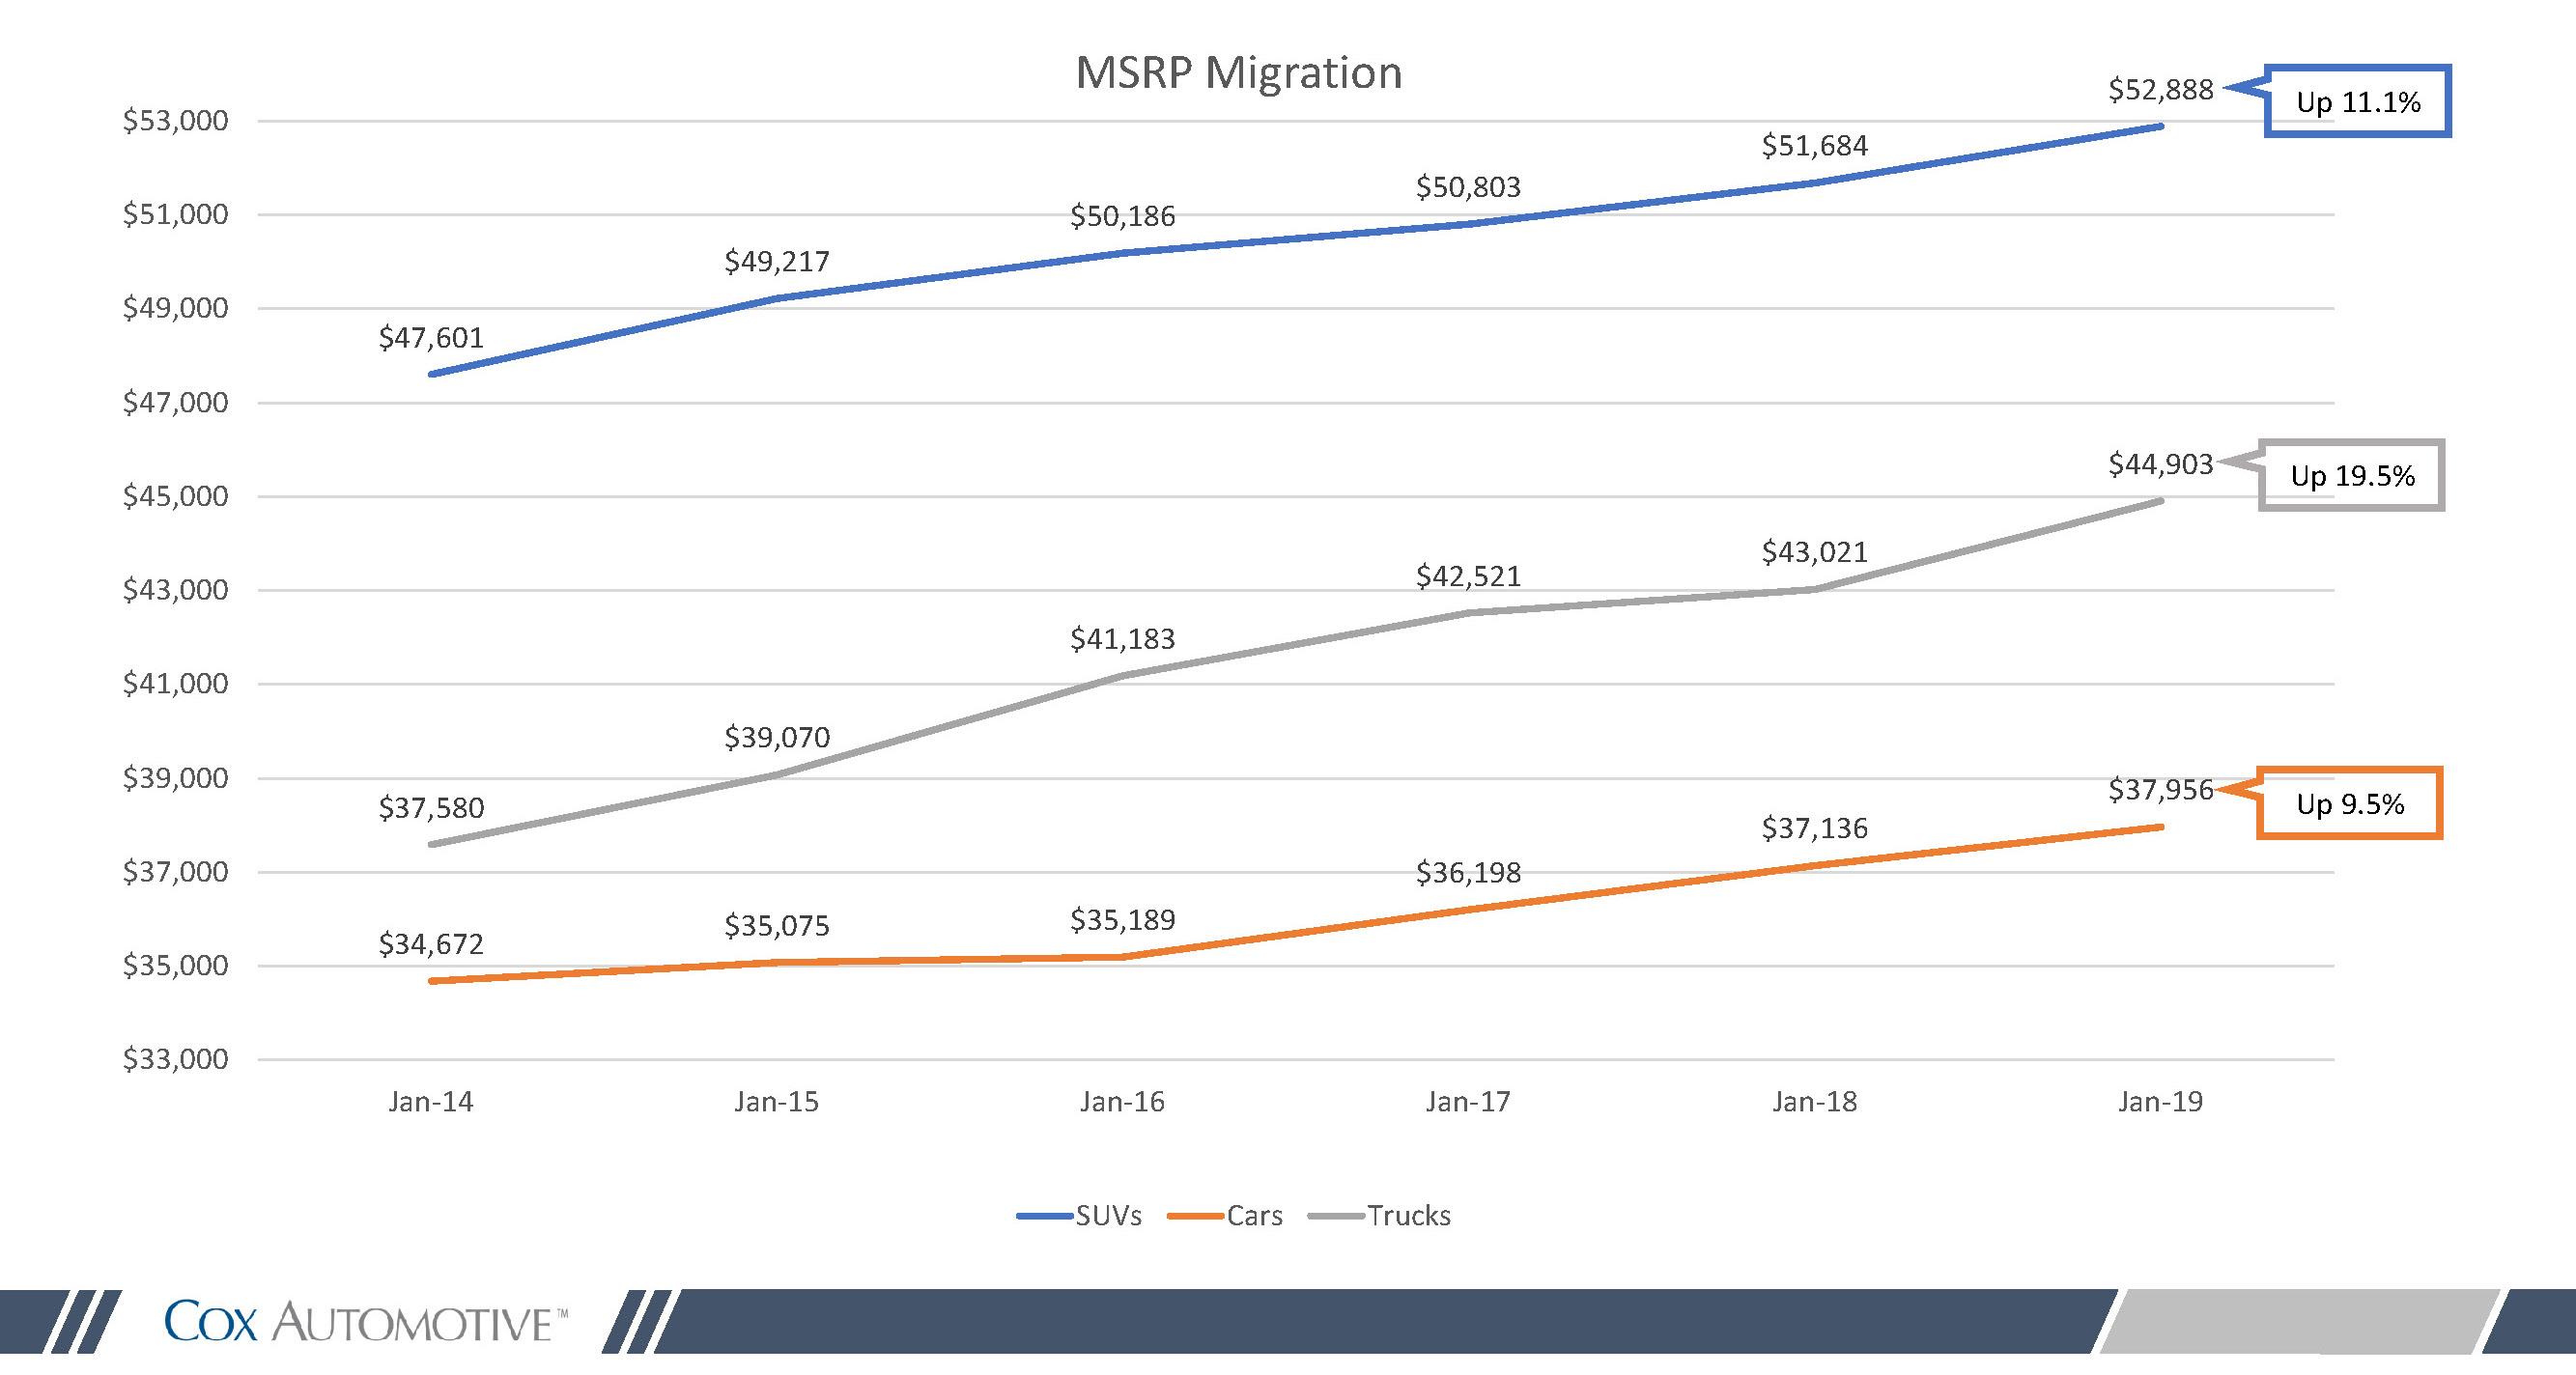 Msrp migration image 1